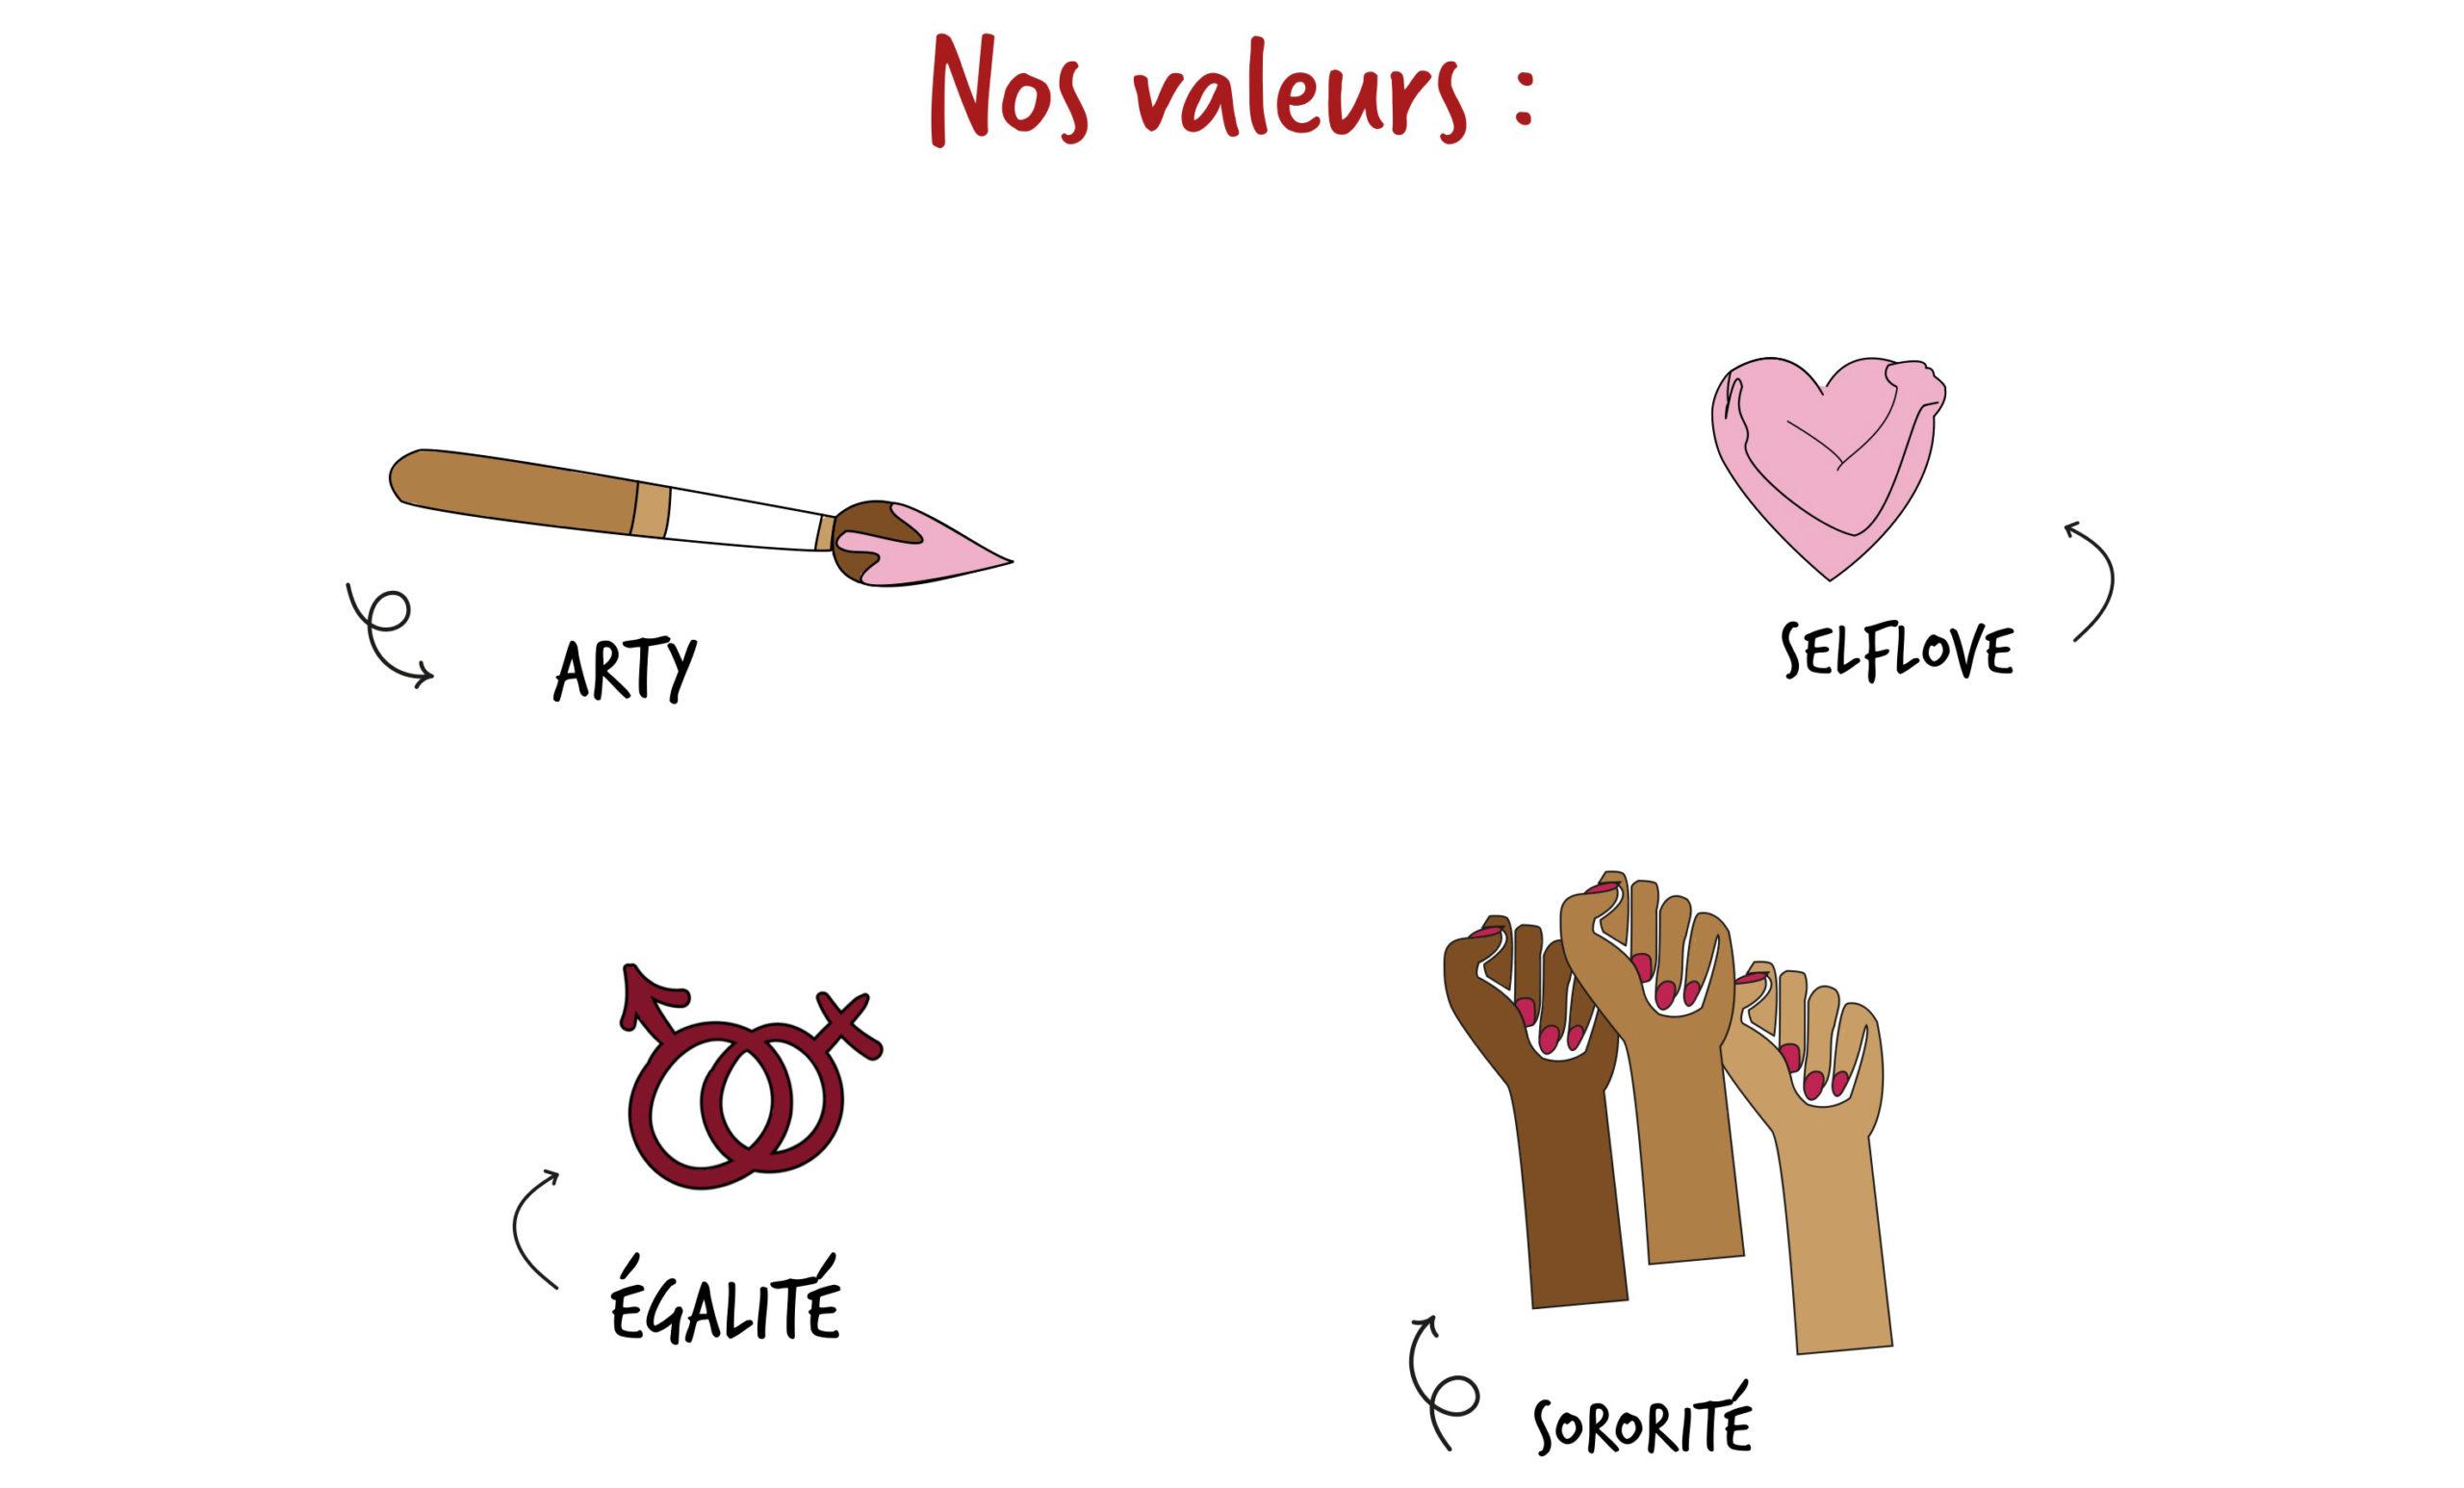 Image avec les dessins qui symbolisent les valeurs Leonor Roversi, égalité, arty, sororité et selflove